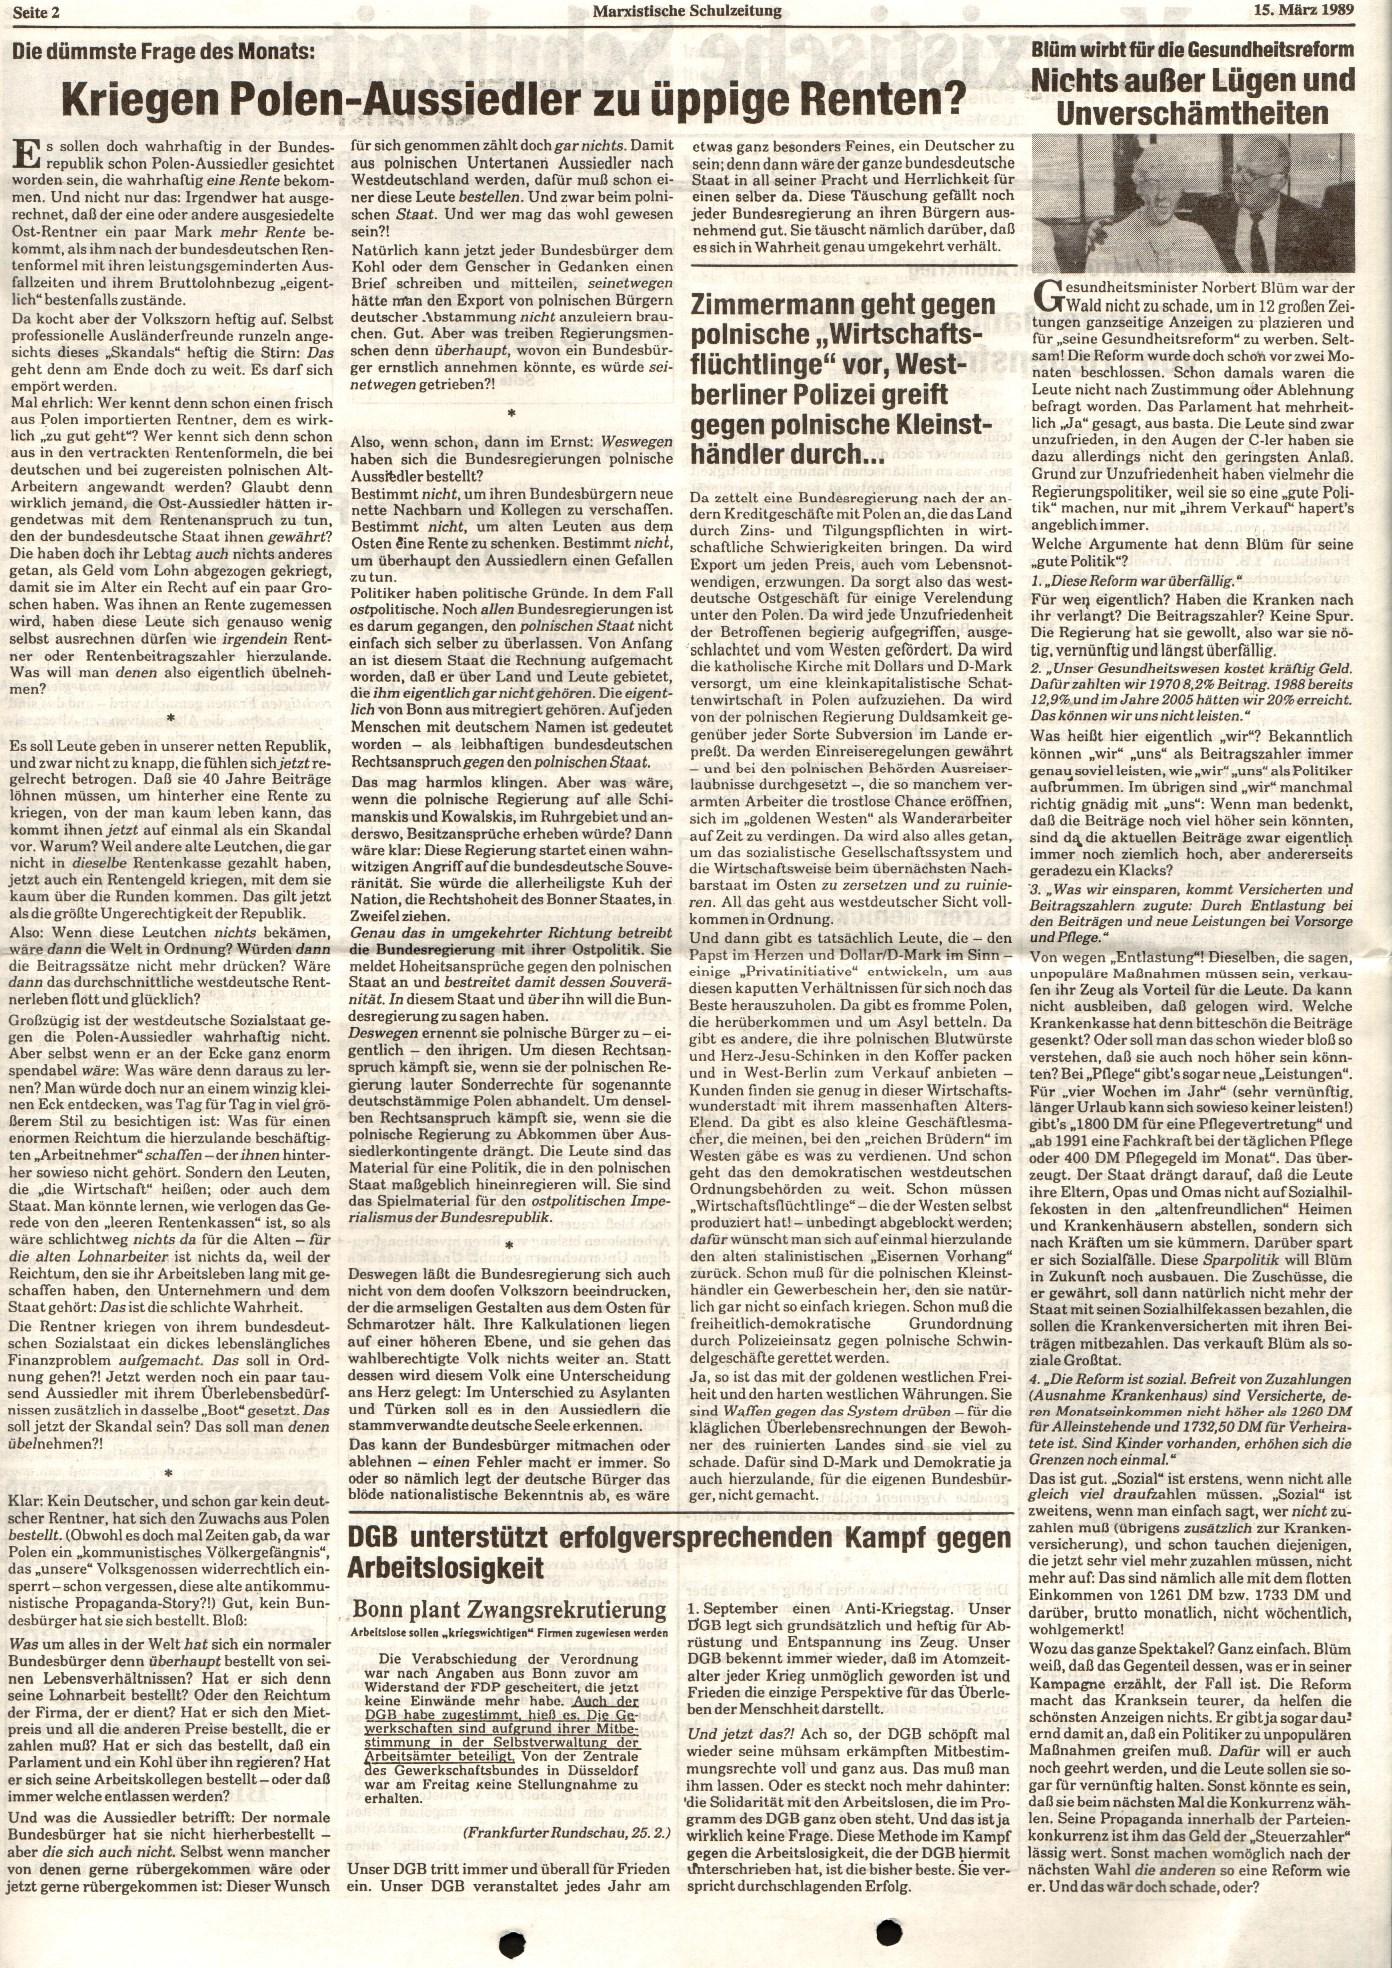 Ruhrgebiet_MG_Marxistische_Schulzeitung_19890315_02